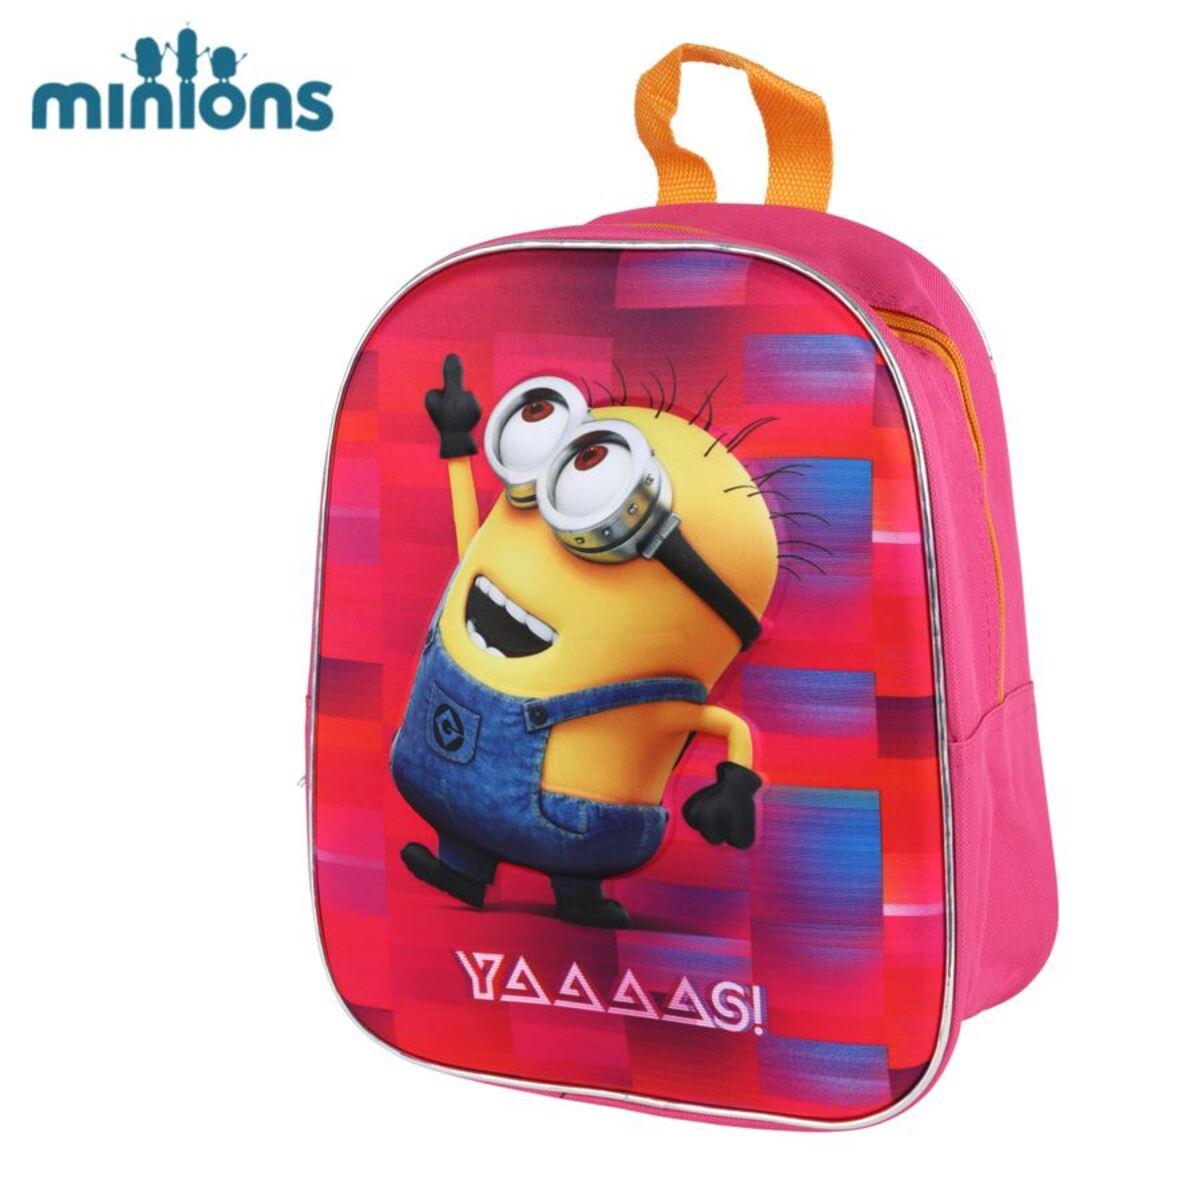 Bild 1 von Minions 3D-Kinderrucksack